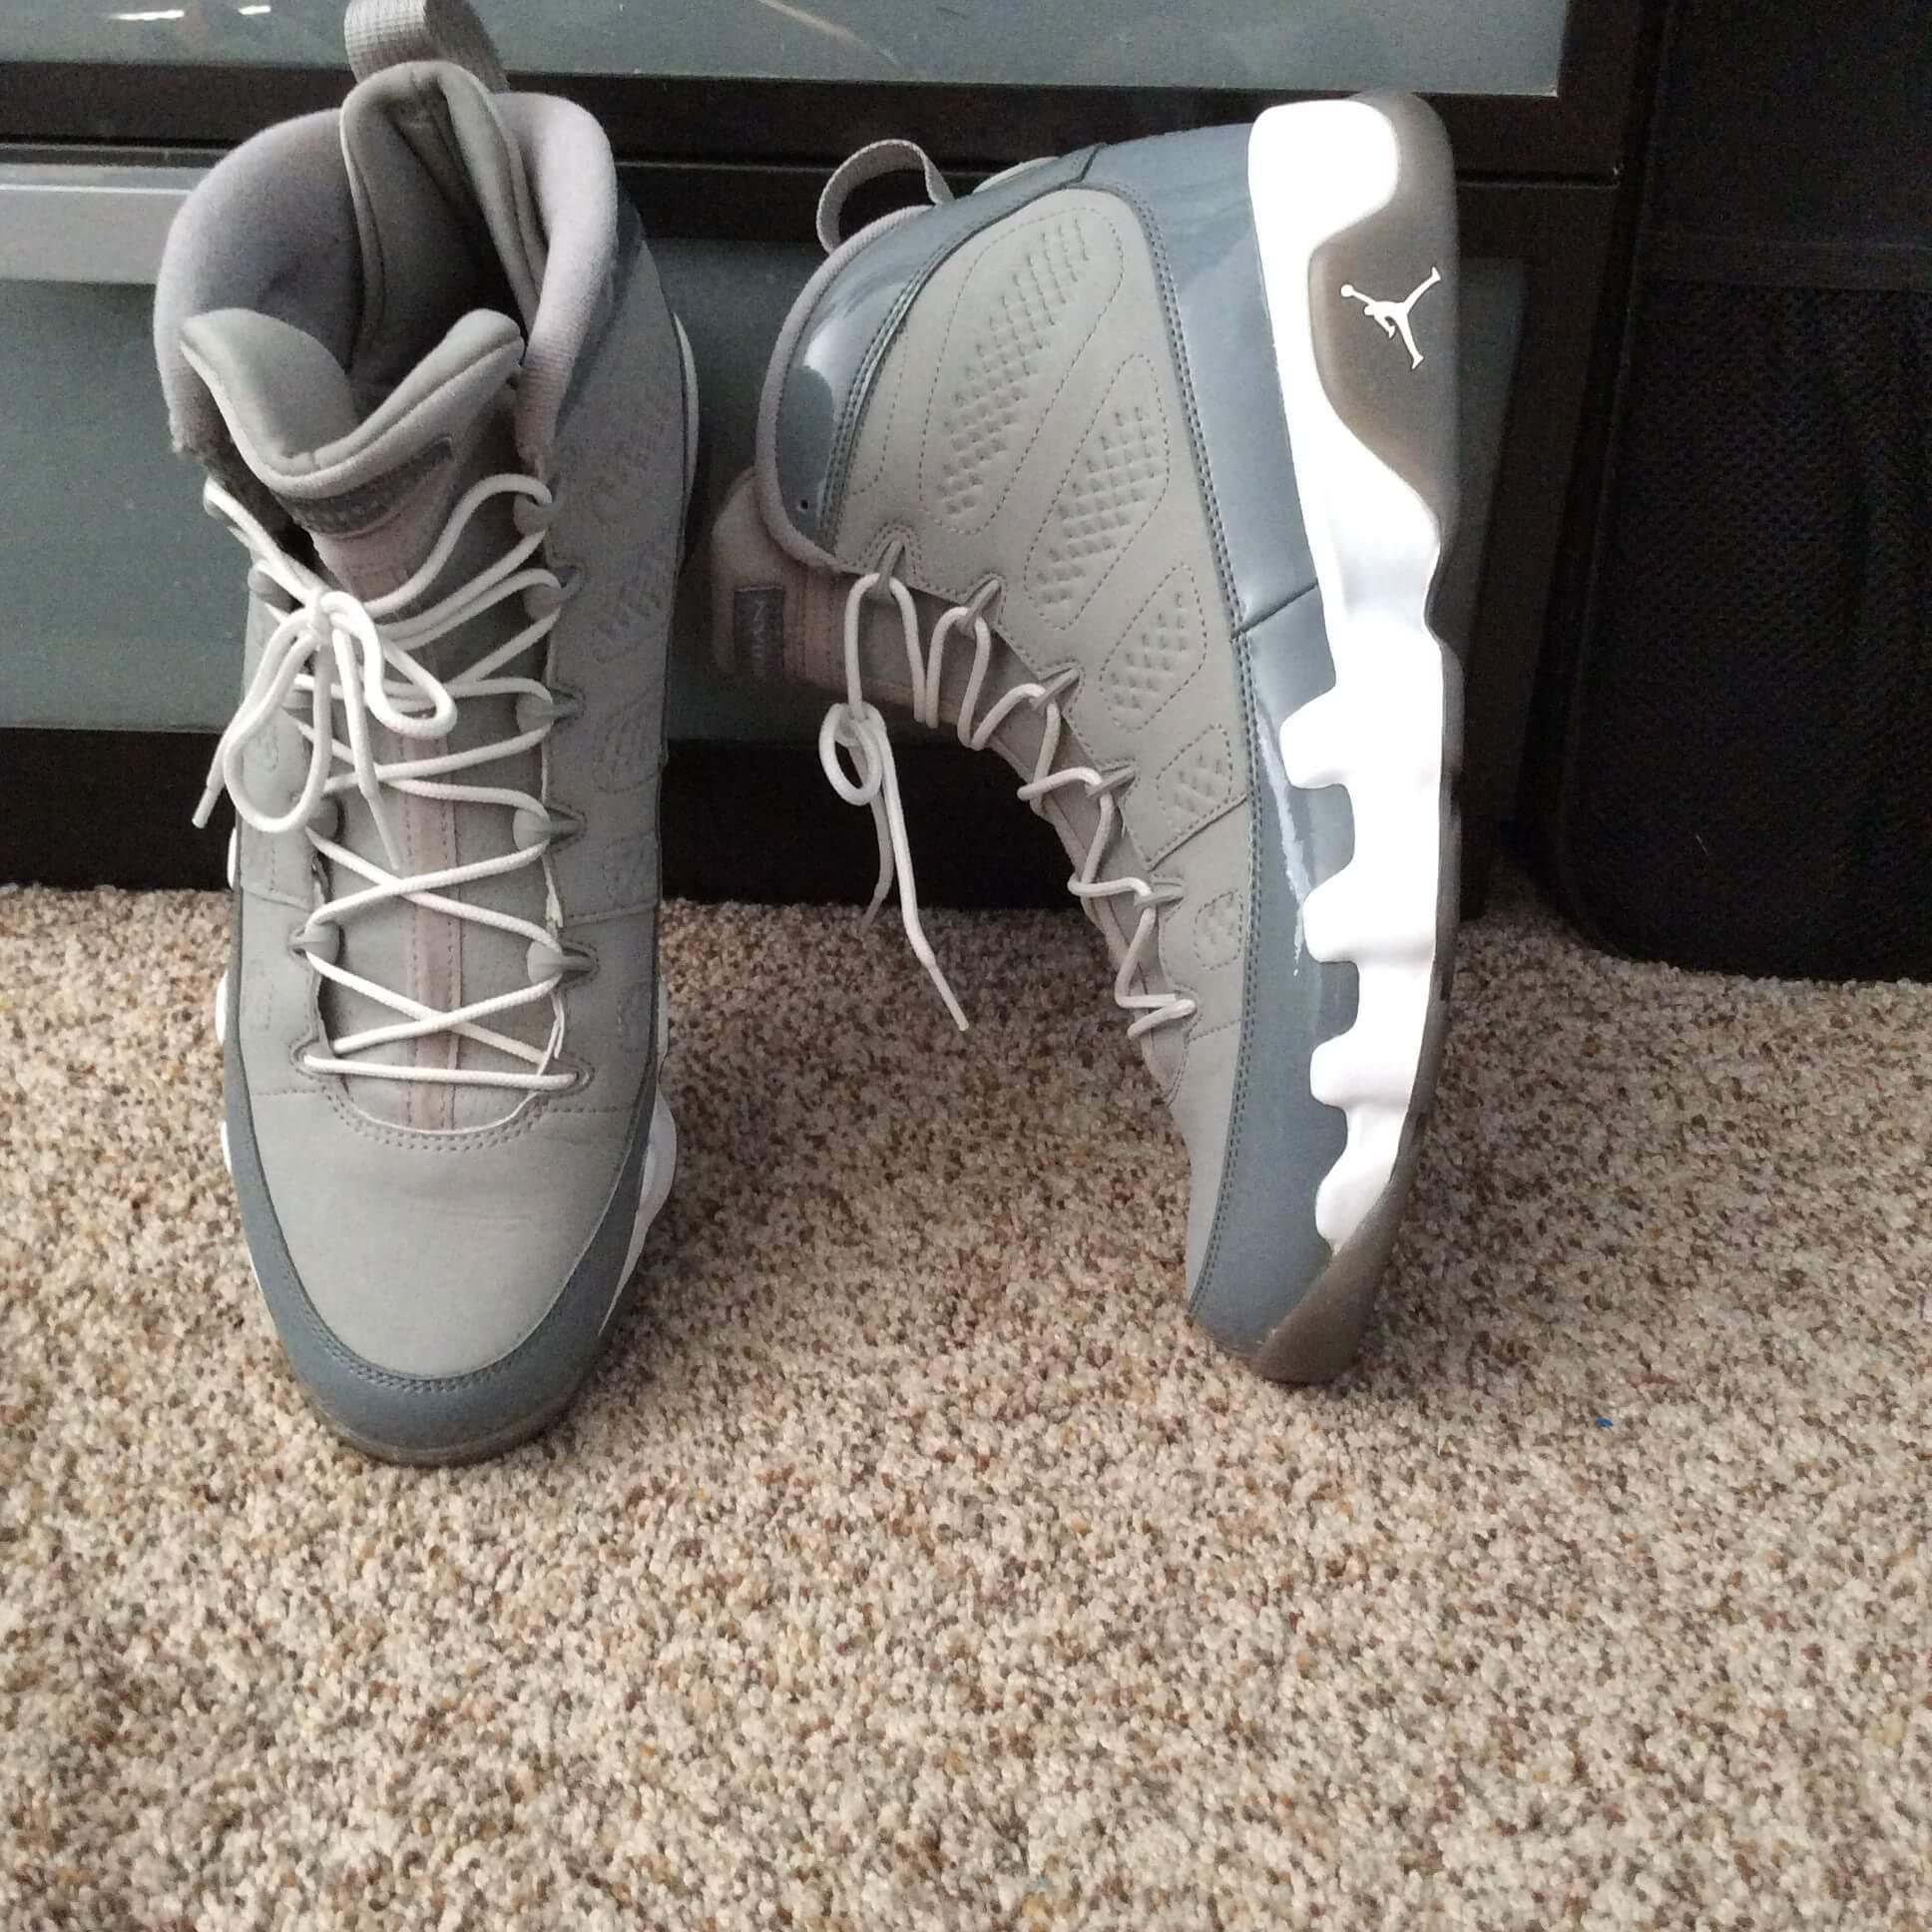 """04025c9a99ad Air Jordan 9 Retro """"Cool Grey 2012 Release"""" 302370015 – HypeTrader.com"""